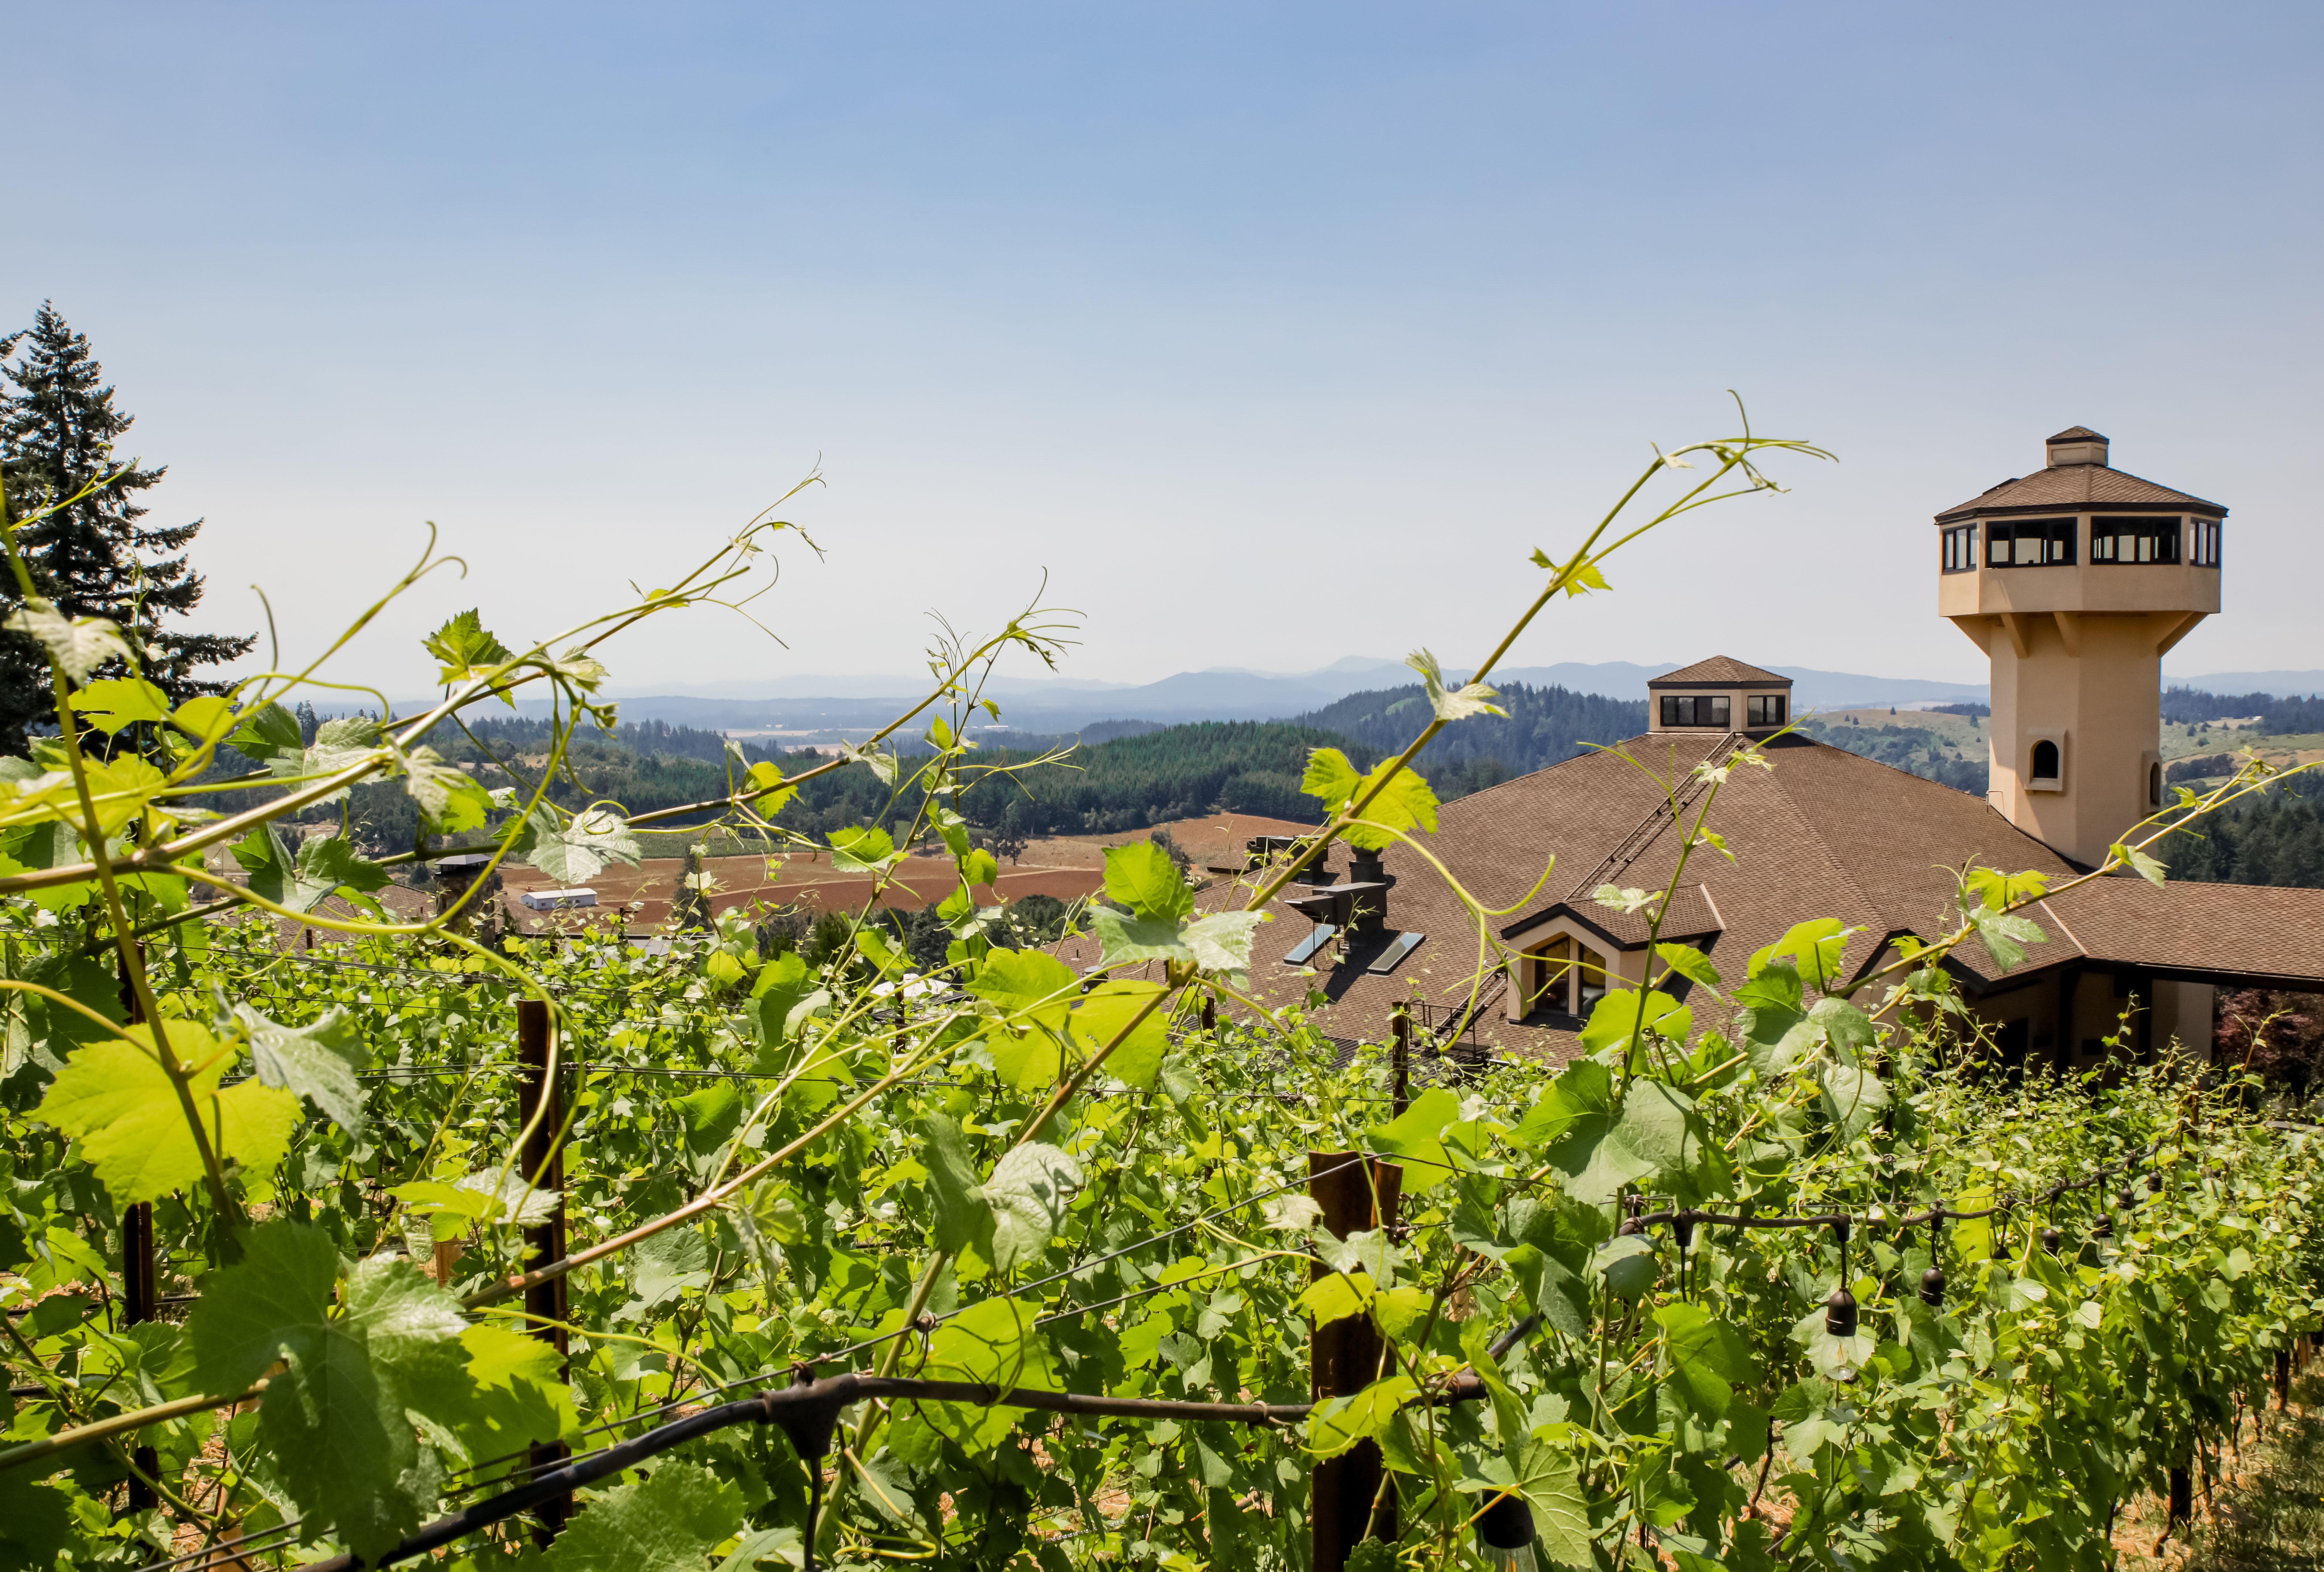 Vines at Willamette Valley Vineyards on June 29, 2021.